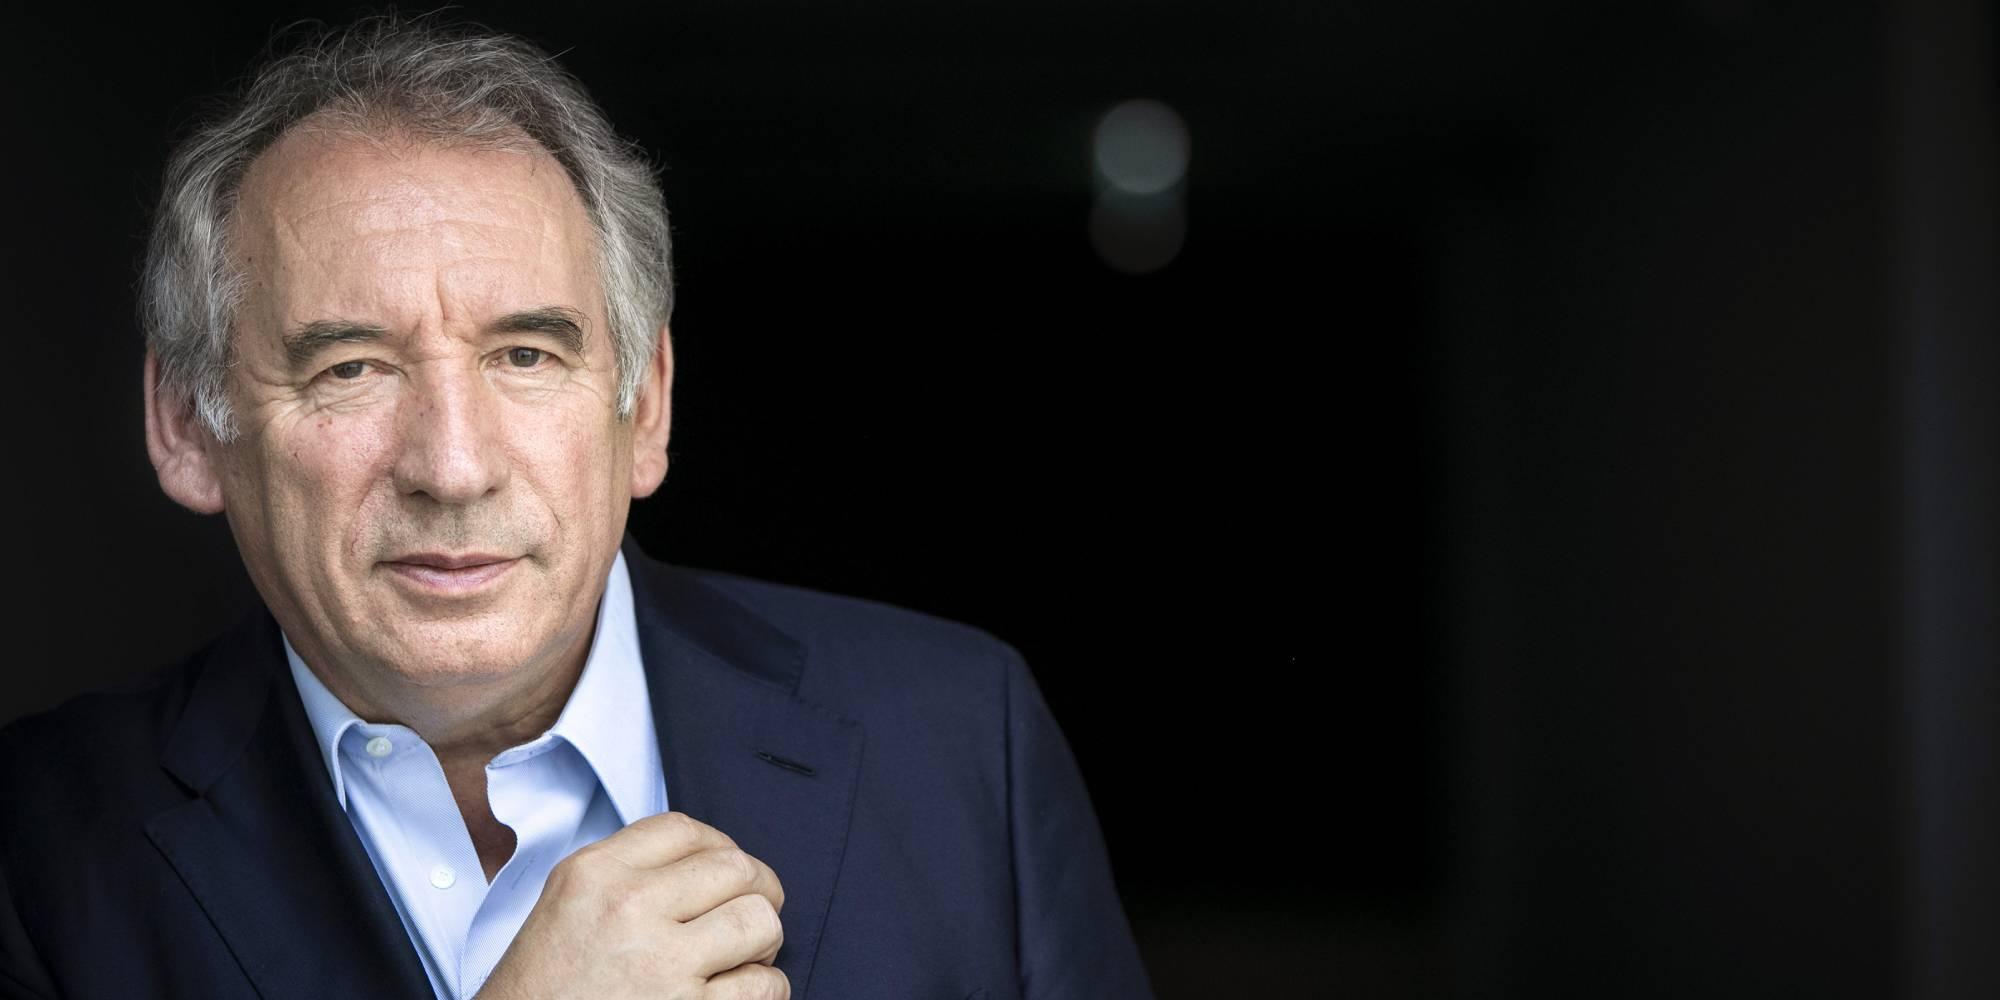 """Bayrou au JDD sur les propositions des candidats sur le pouvoir d'achat : """"Les citoyens ne sont pas dupes"""""""